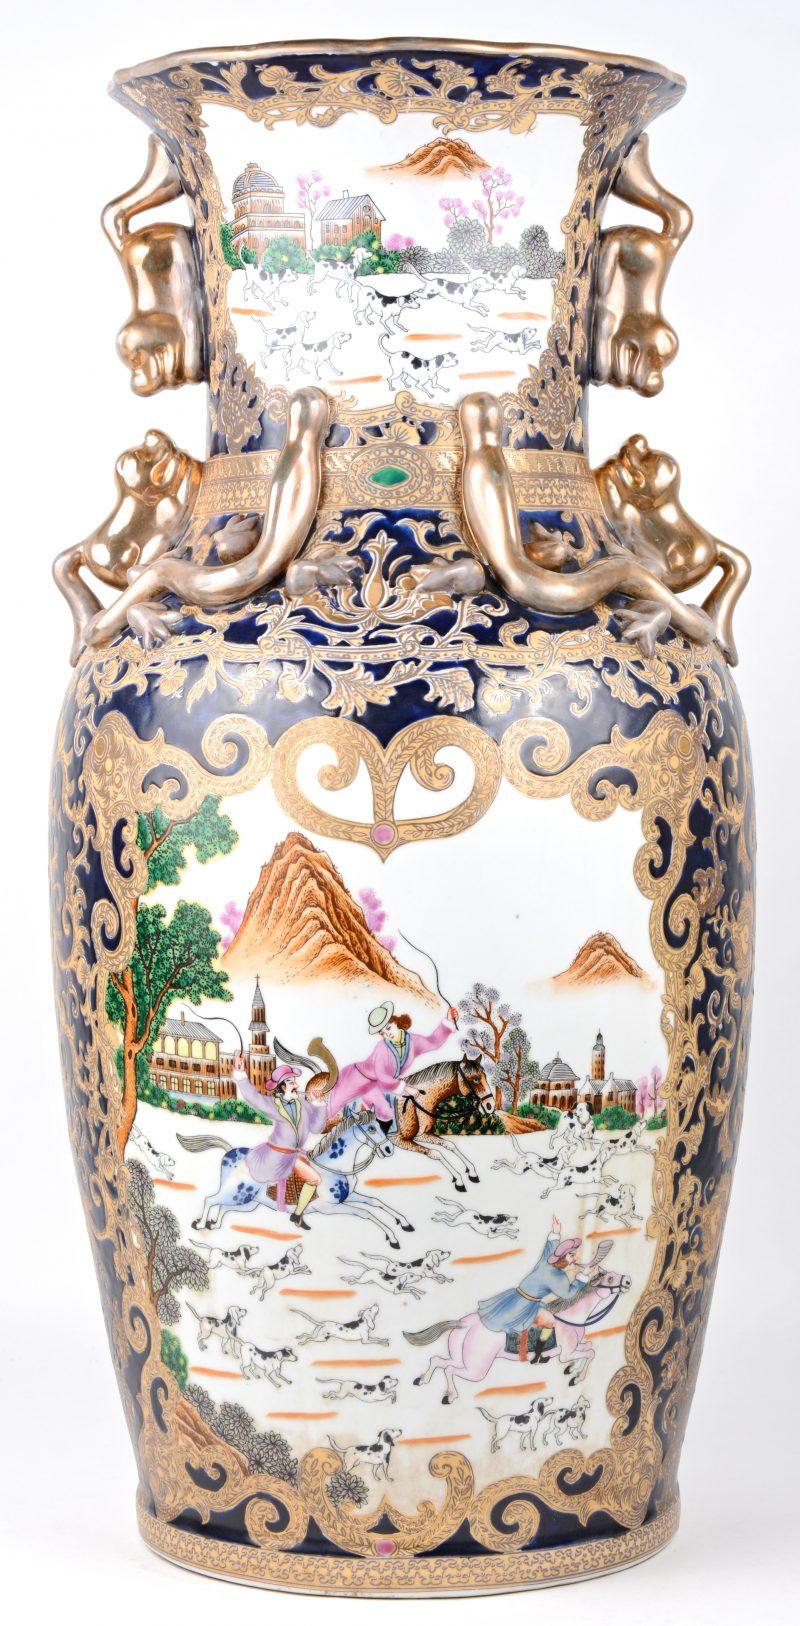 Een grote balustervaas van Chinees porselein met een meerkleurig Europees decor met jachttaferelen in cartouches op blauwe fond en met vergulde motieven. Onderaan gemerkt.